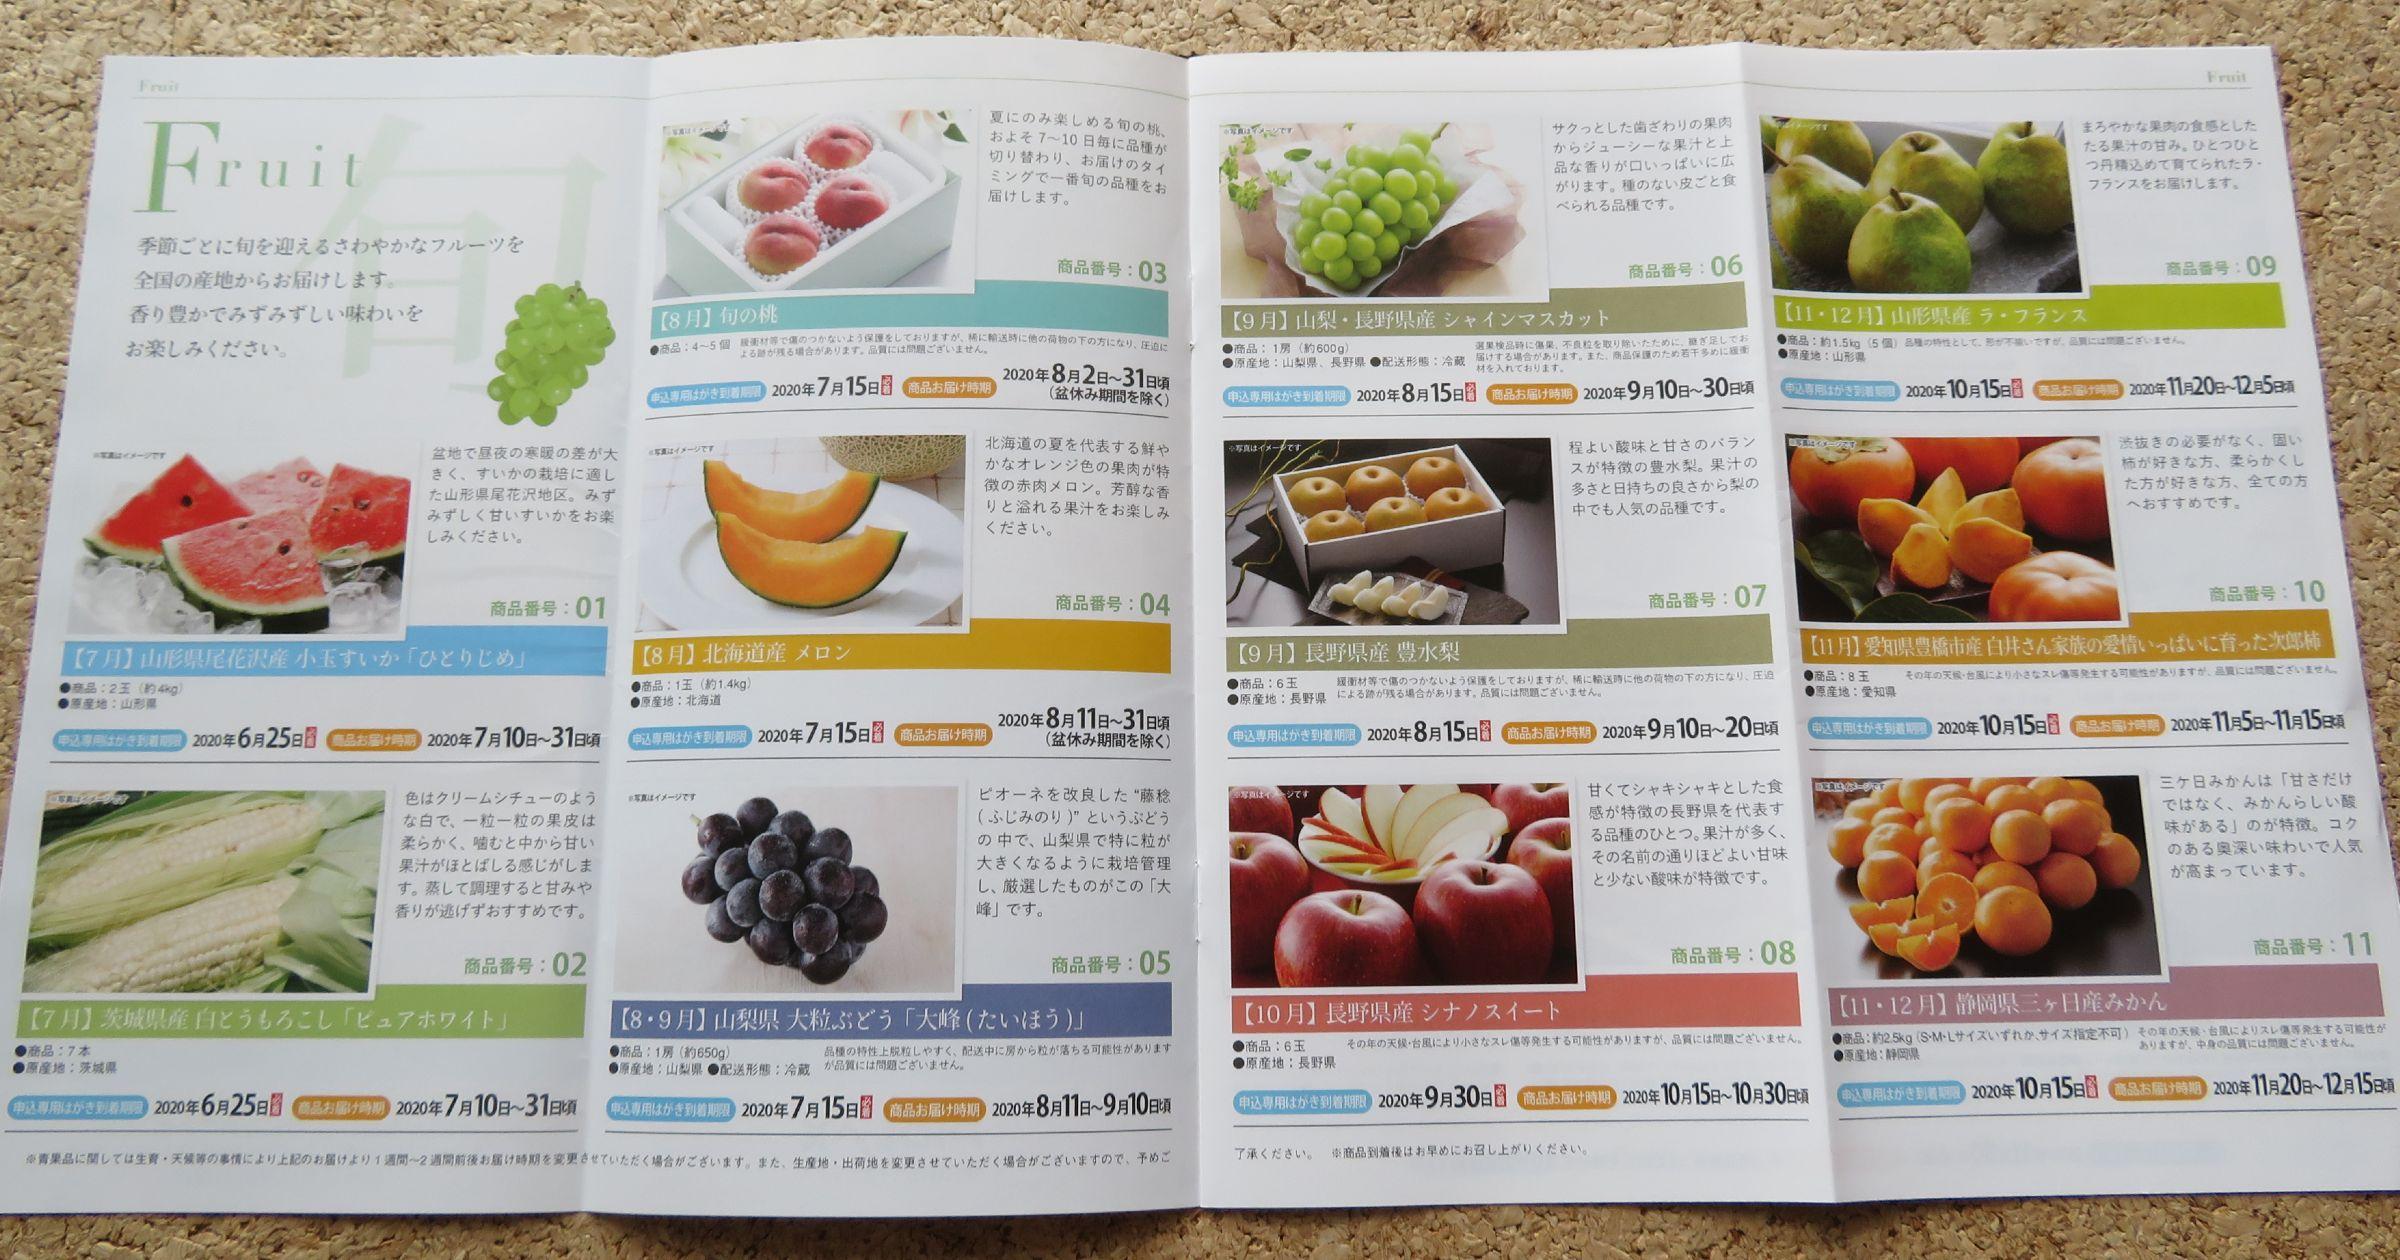 パイオラックスの株主優待カタログギフト